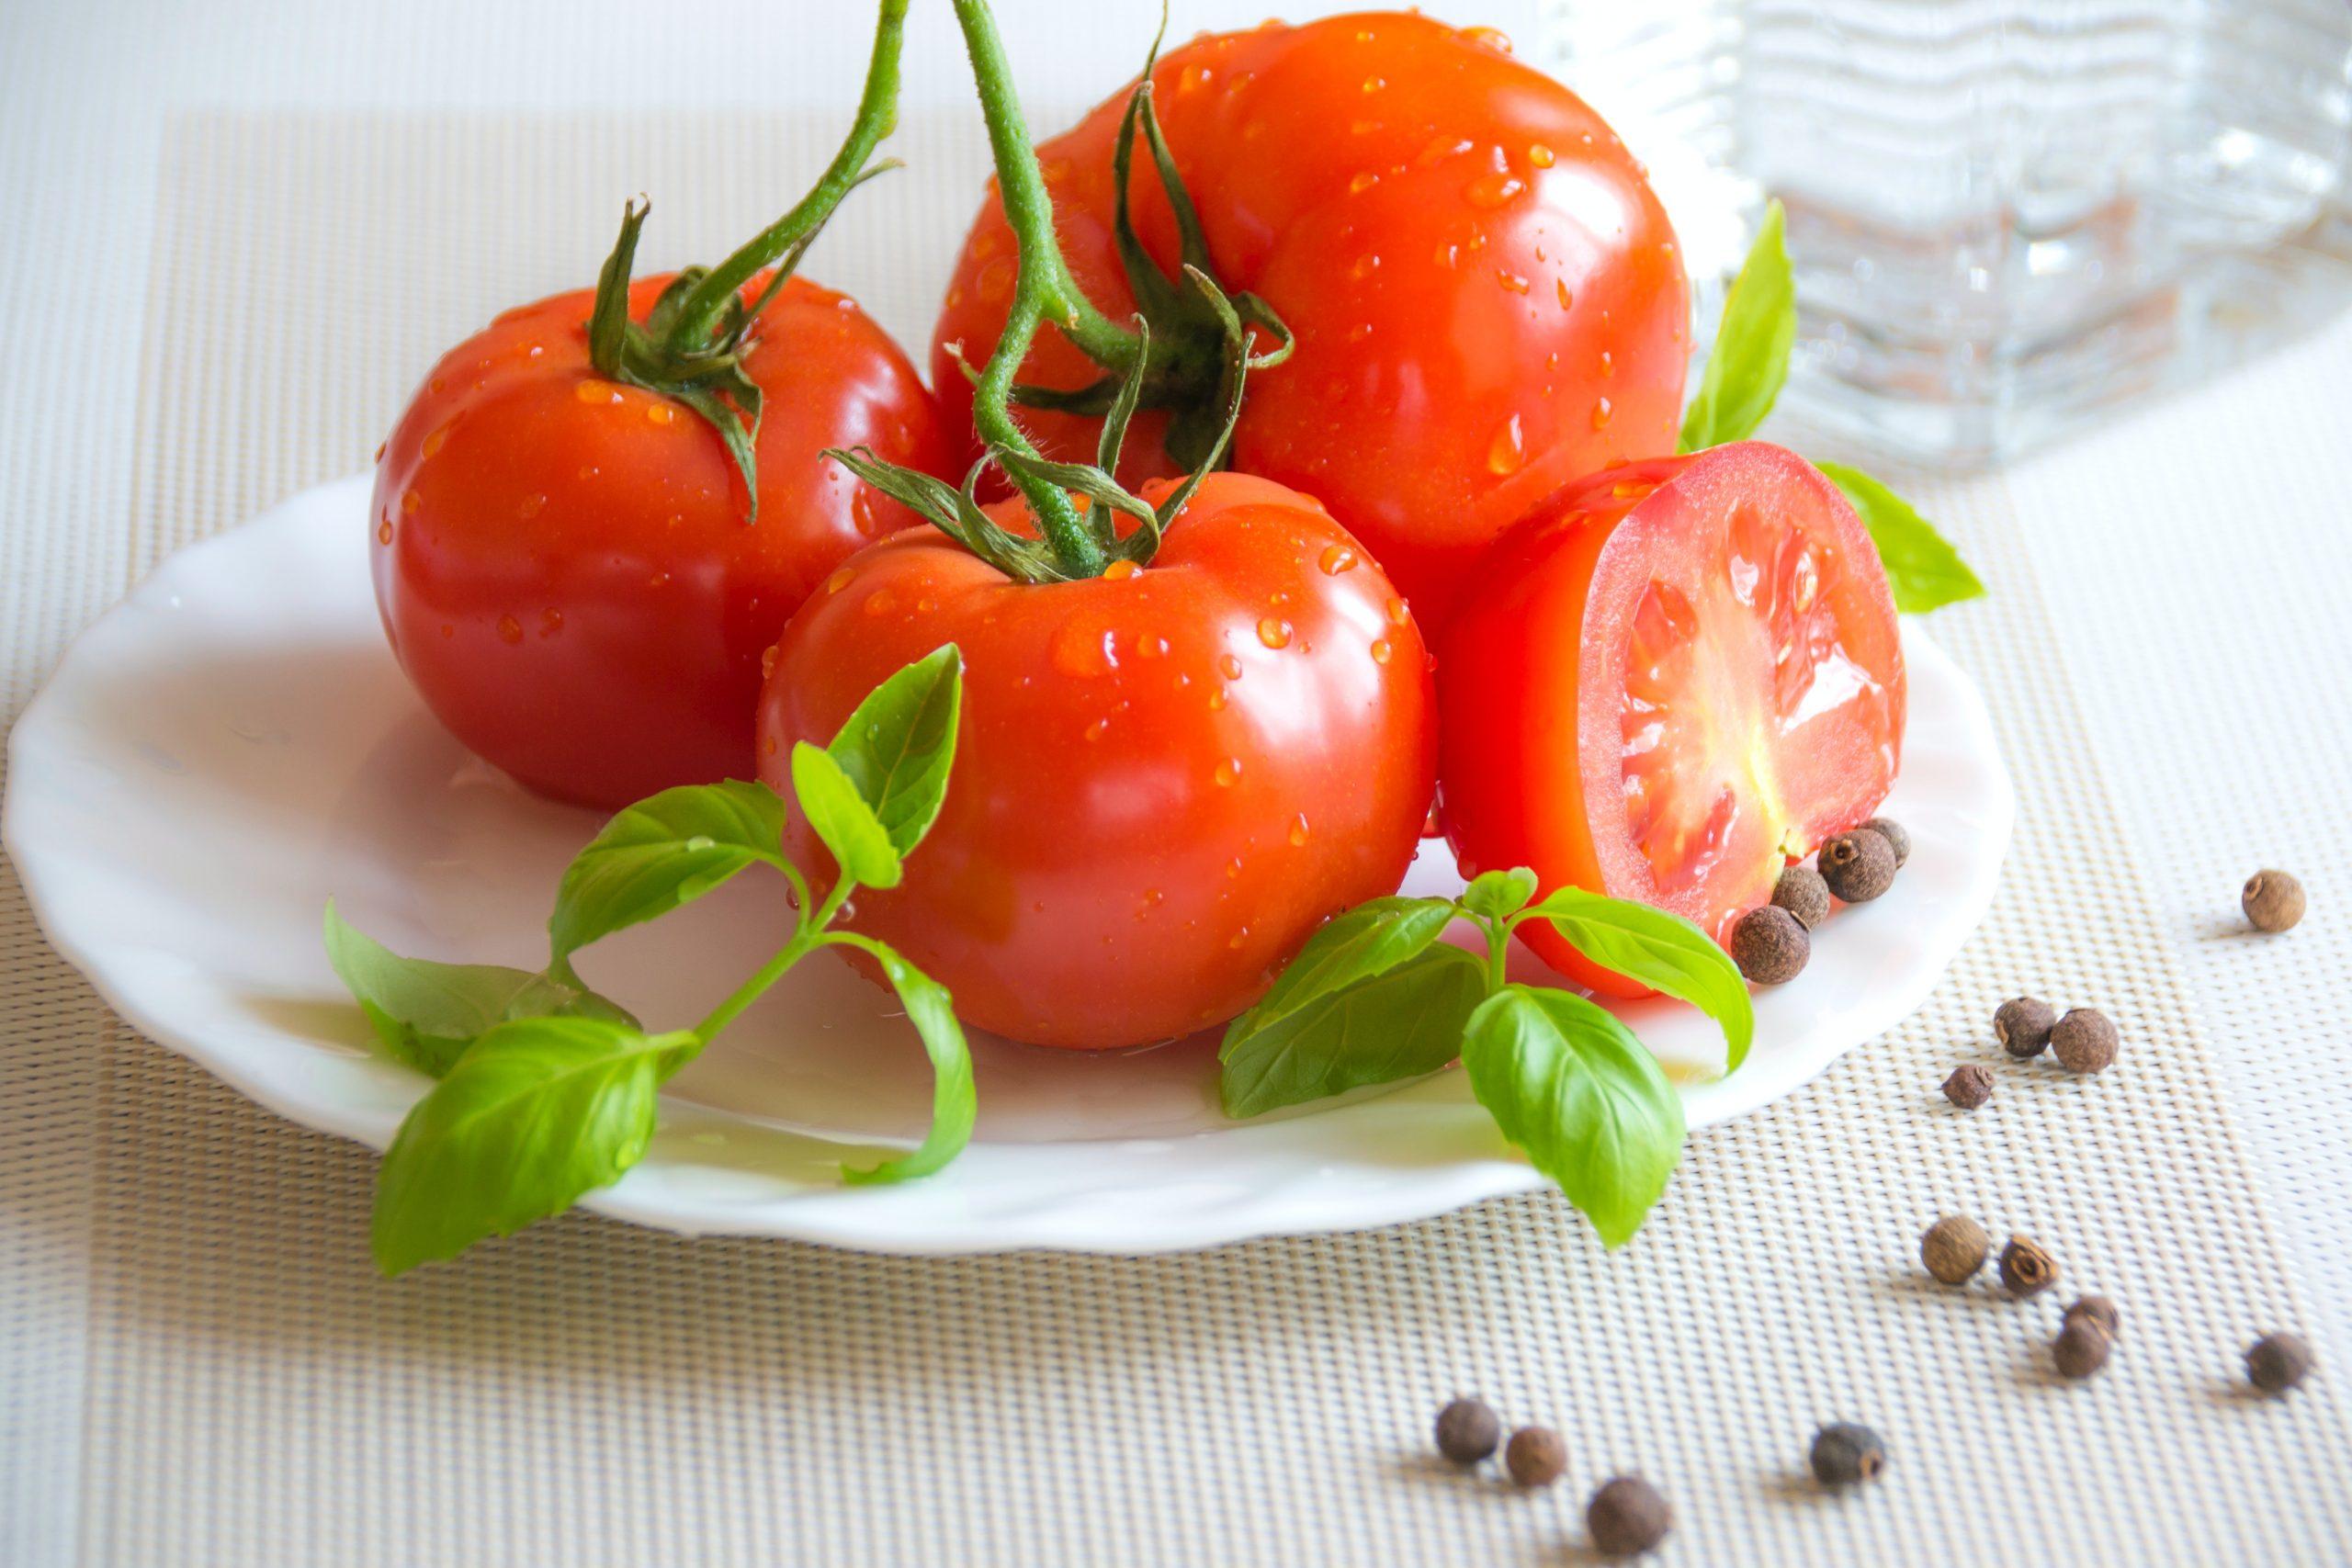 Și tu ai mâncat la prânz salată de roșii românească? Află că este mâncarea europeană de vară cu cele mai puține calorii